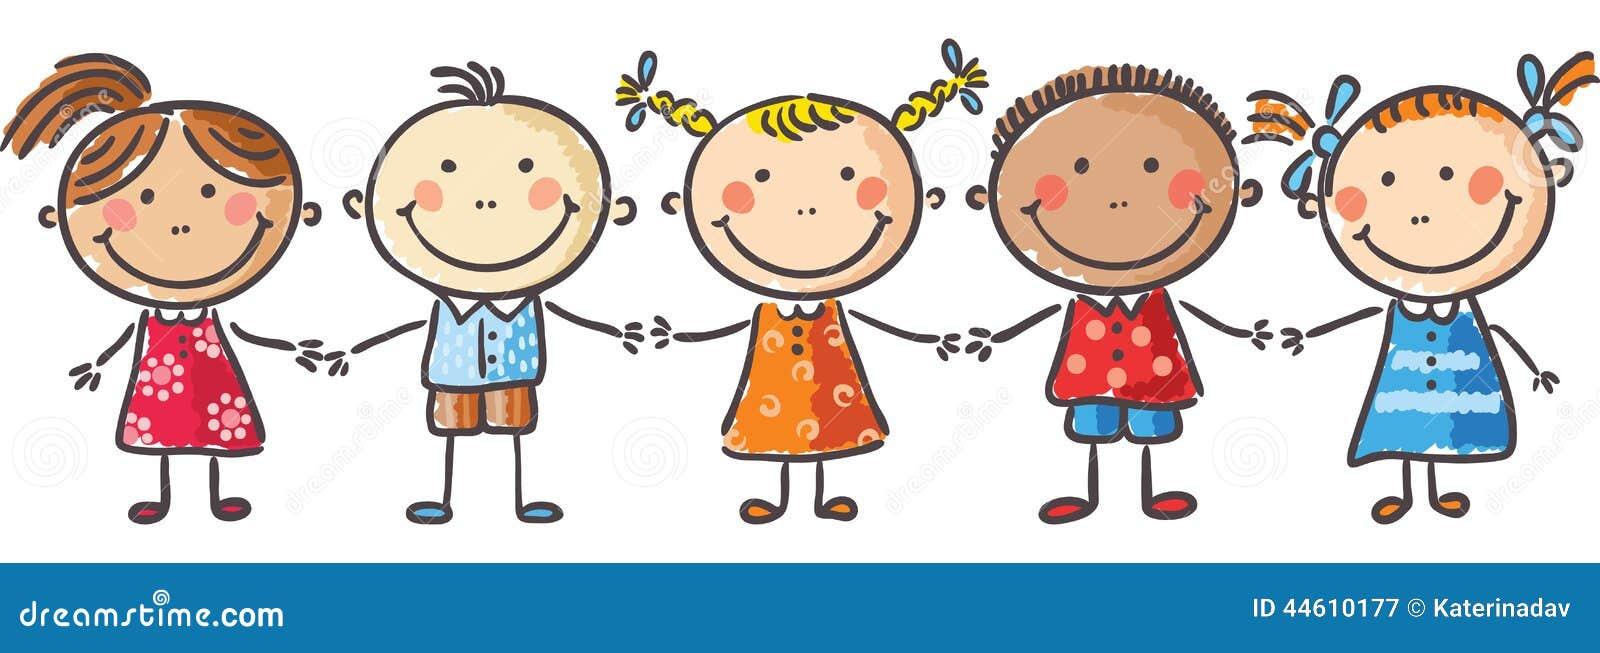 Bambini Stilizzati Per Mano